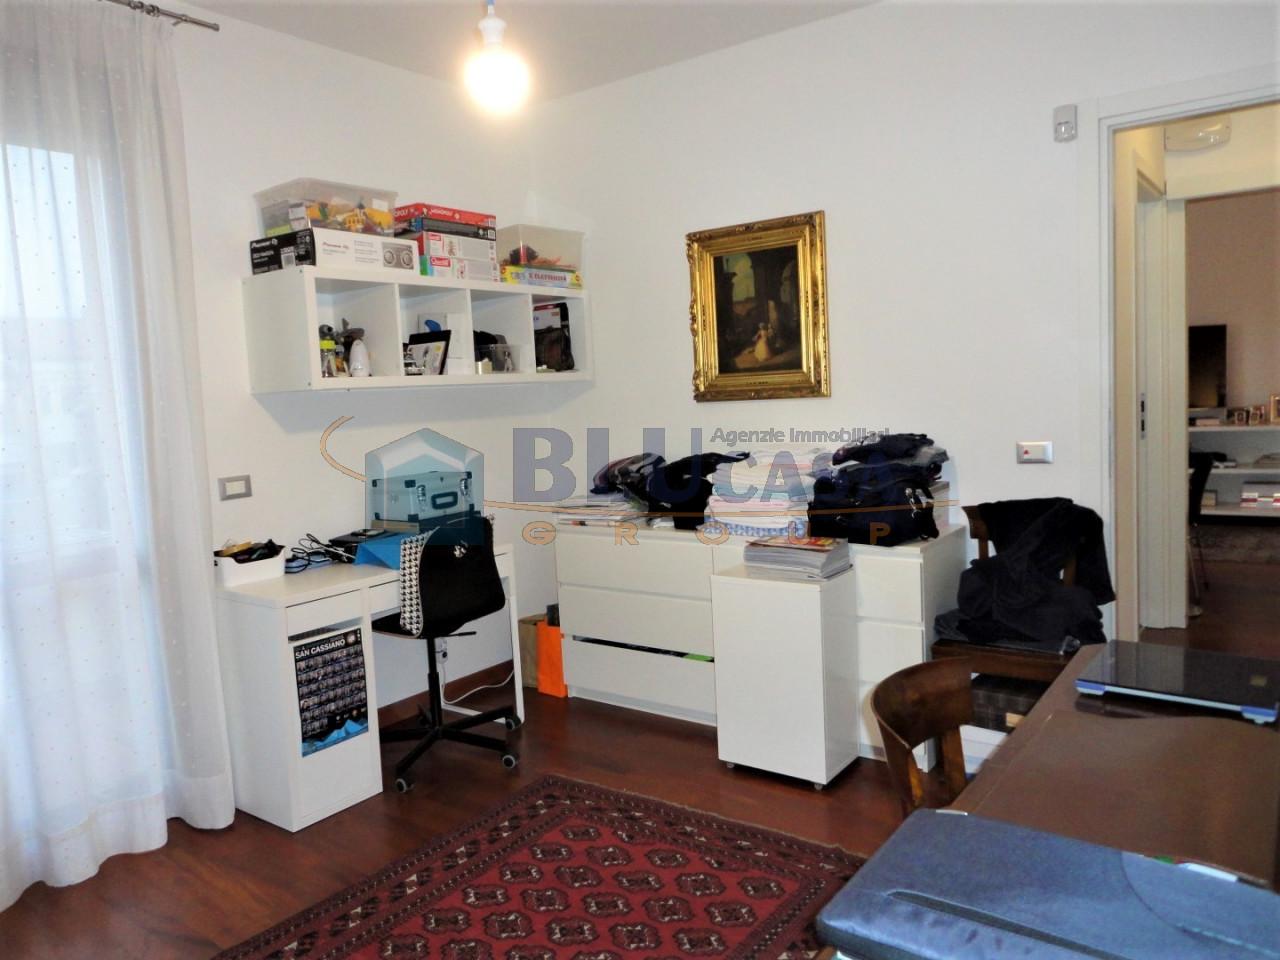 D296 Elegante duplex tricamere con ottime finiture in vendita a Montegrotto Terme https://media.gestionaleimmobiliare.it/foto/annunci/200215/2167876/1280x1280/017__17_camera_zona_giorno__large.jpg